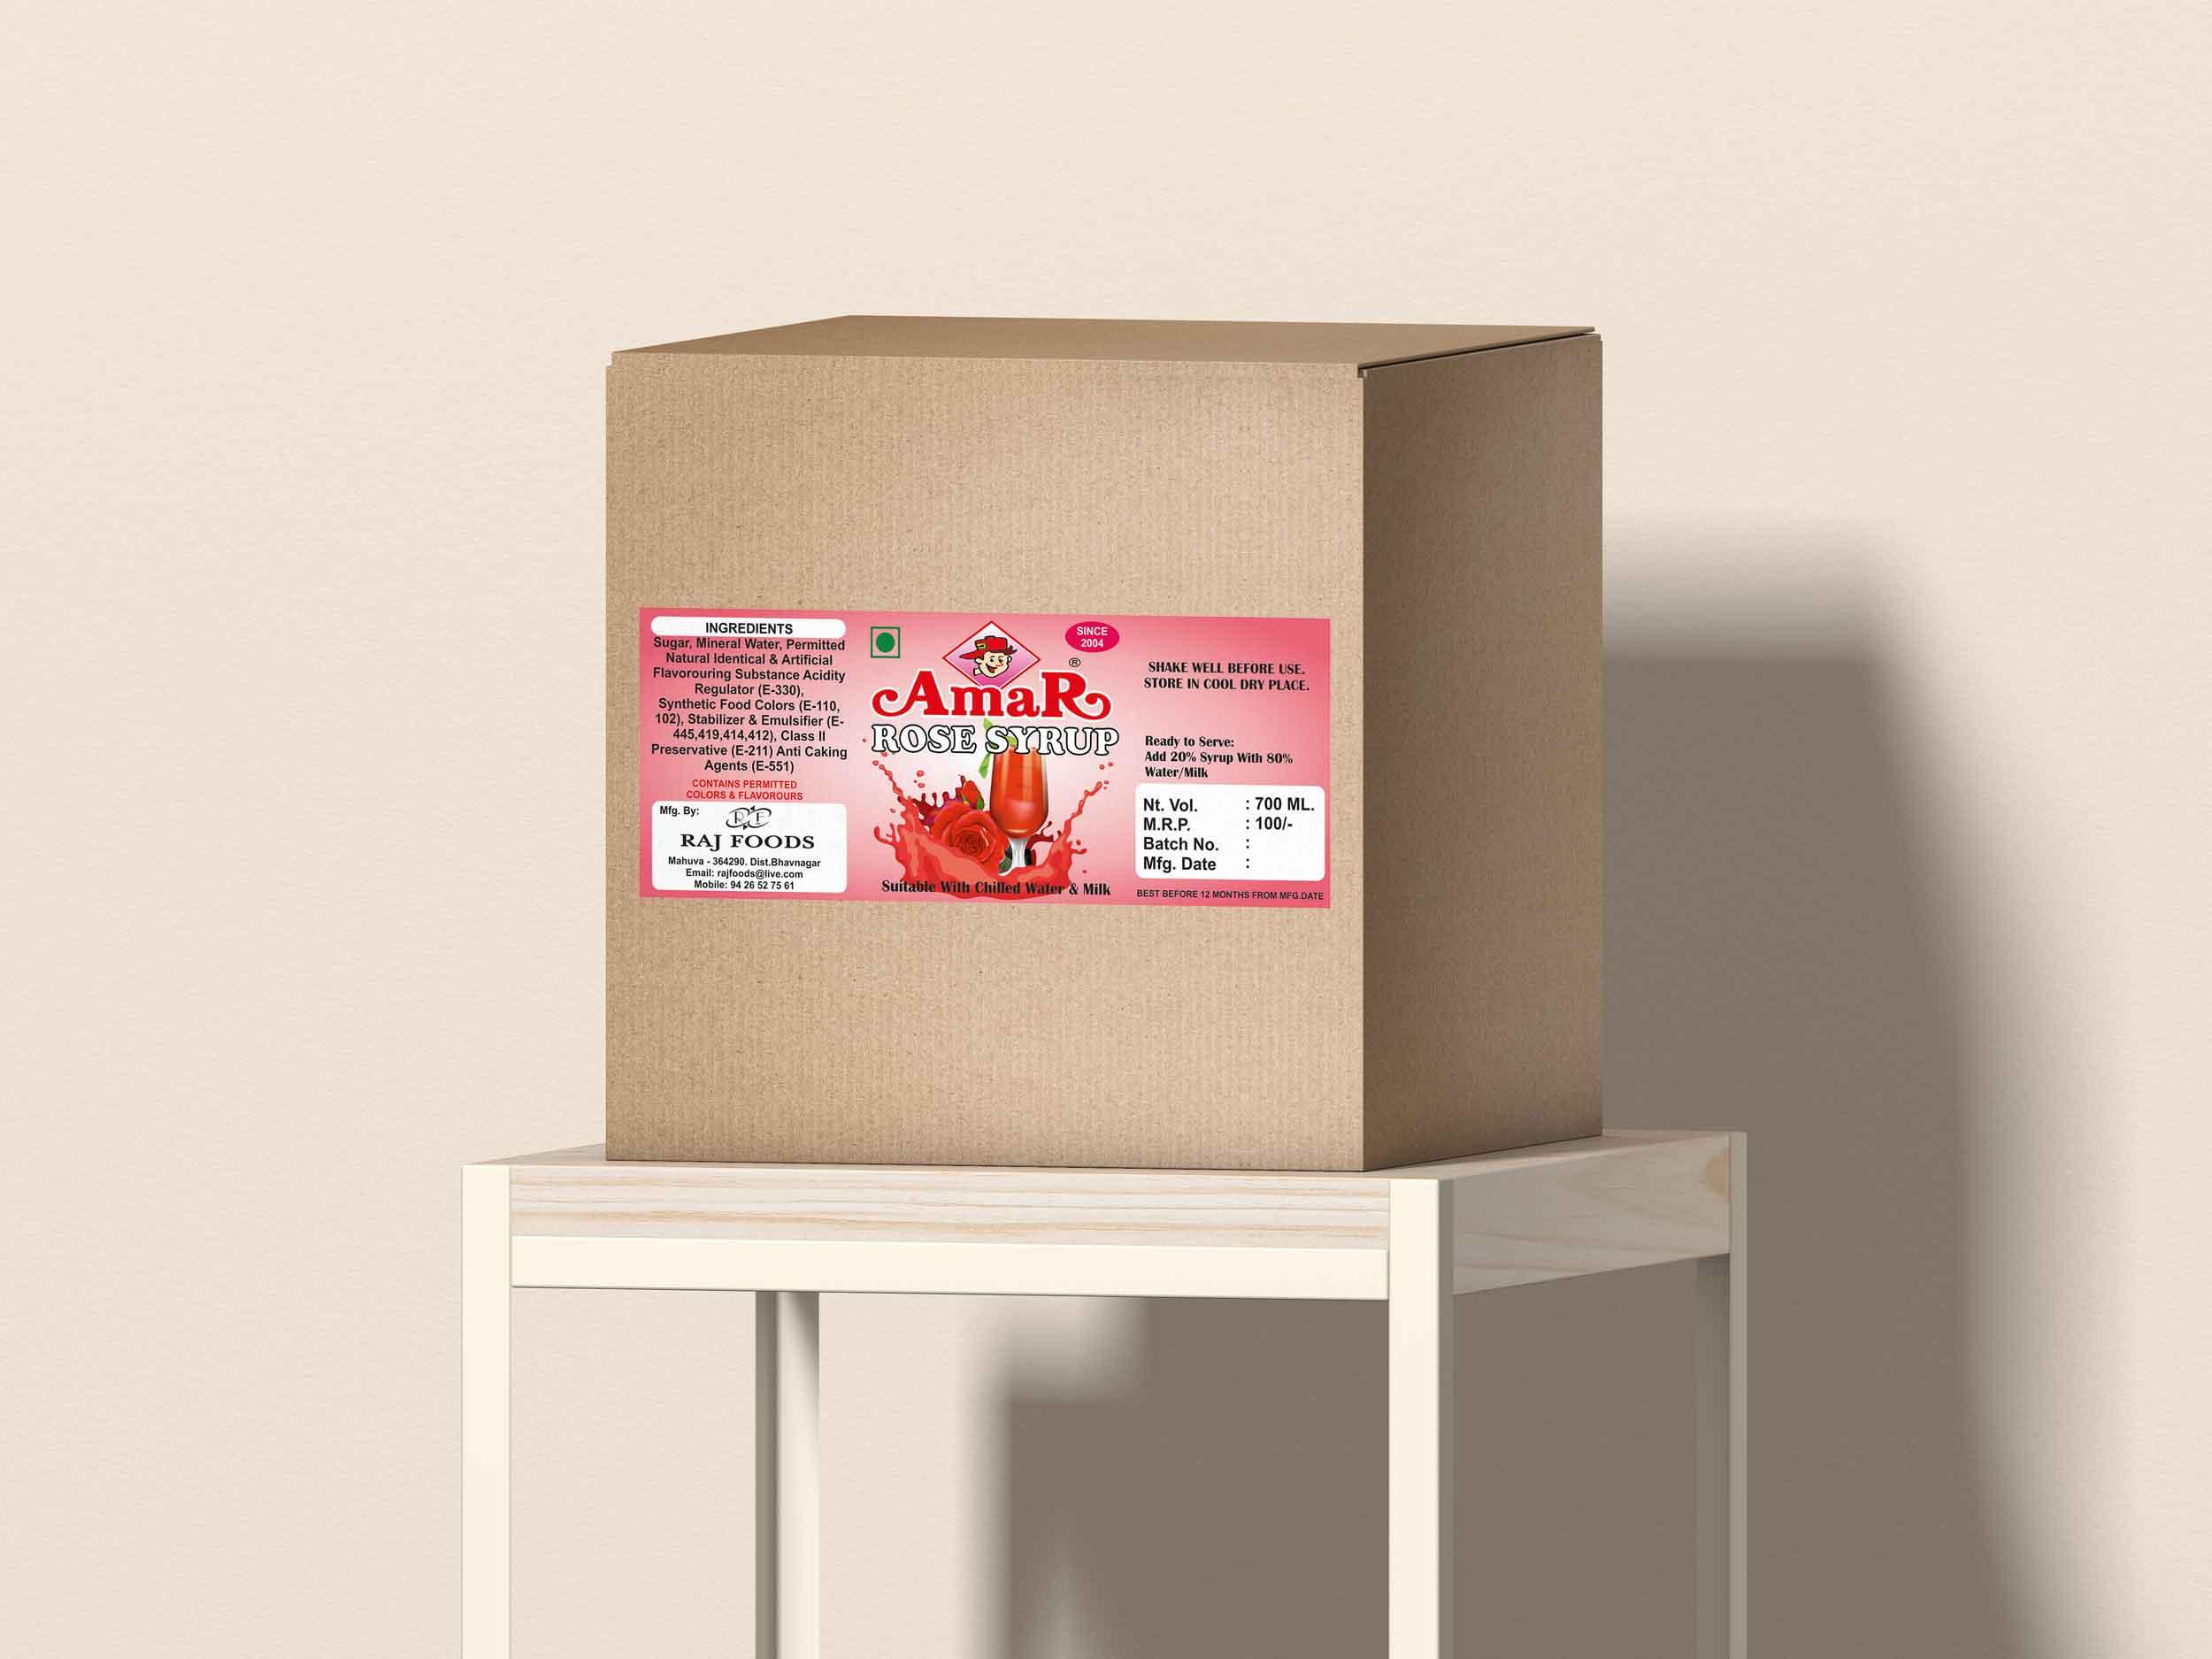 Amar syrup sicker design by Badri Design